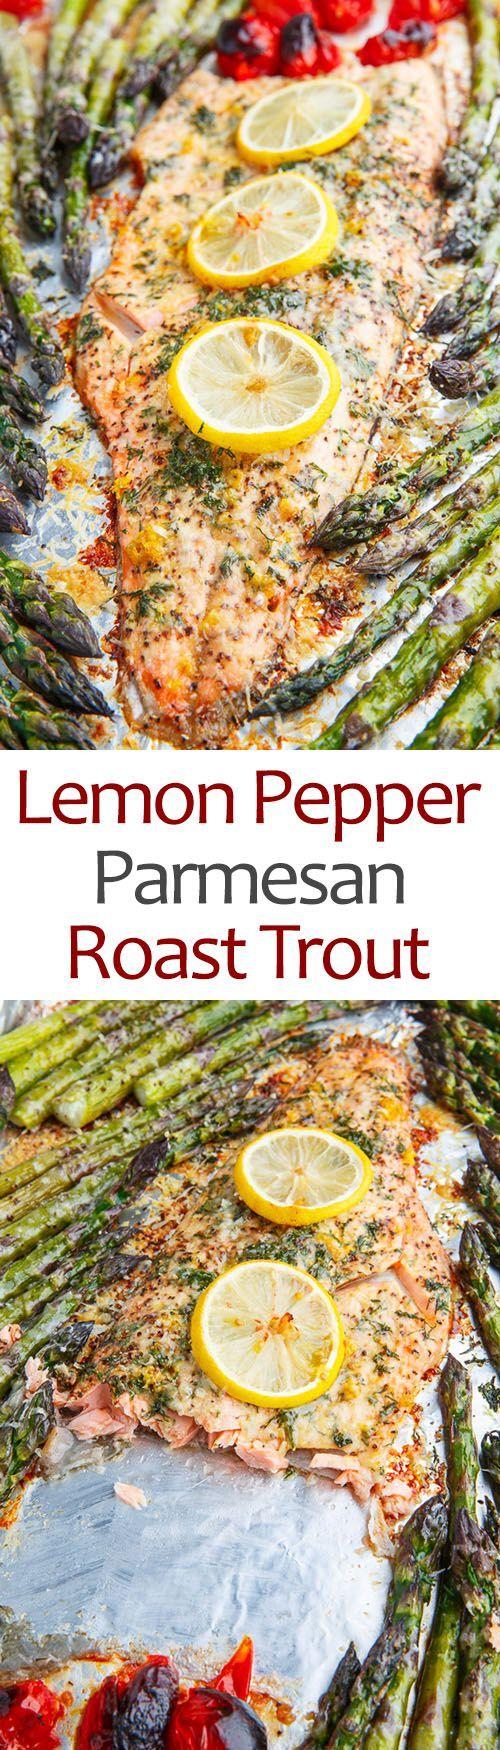 Lemon Pepper Parmesan Roast Trout